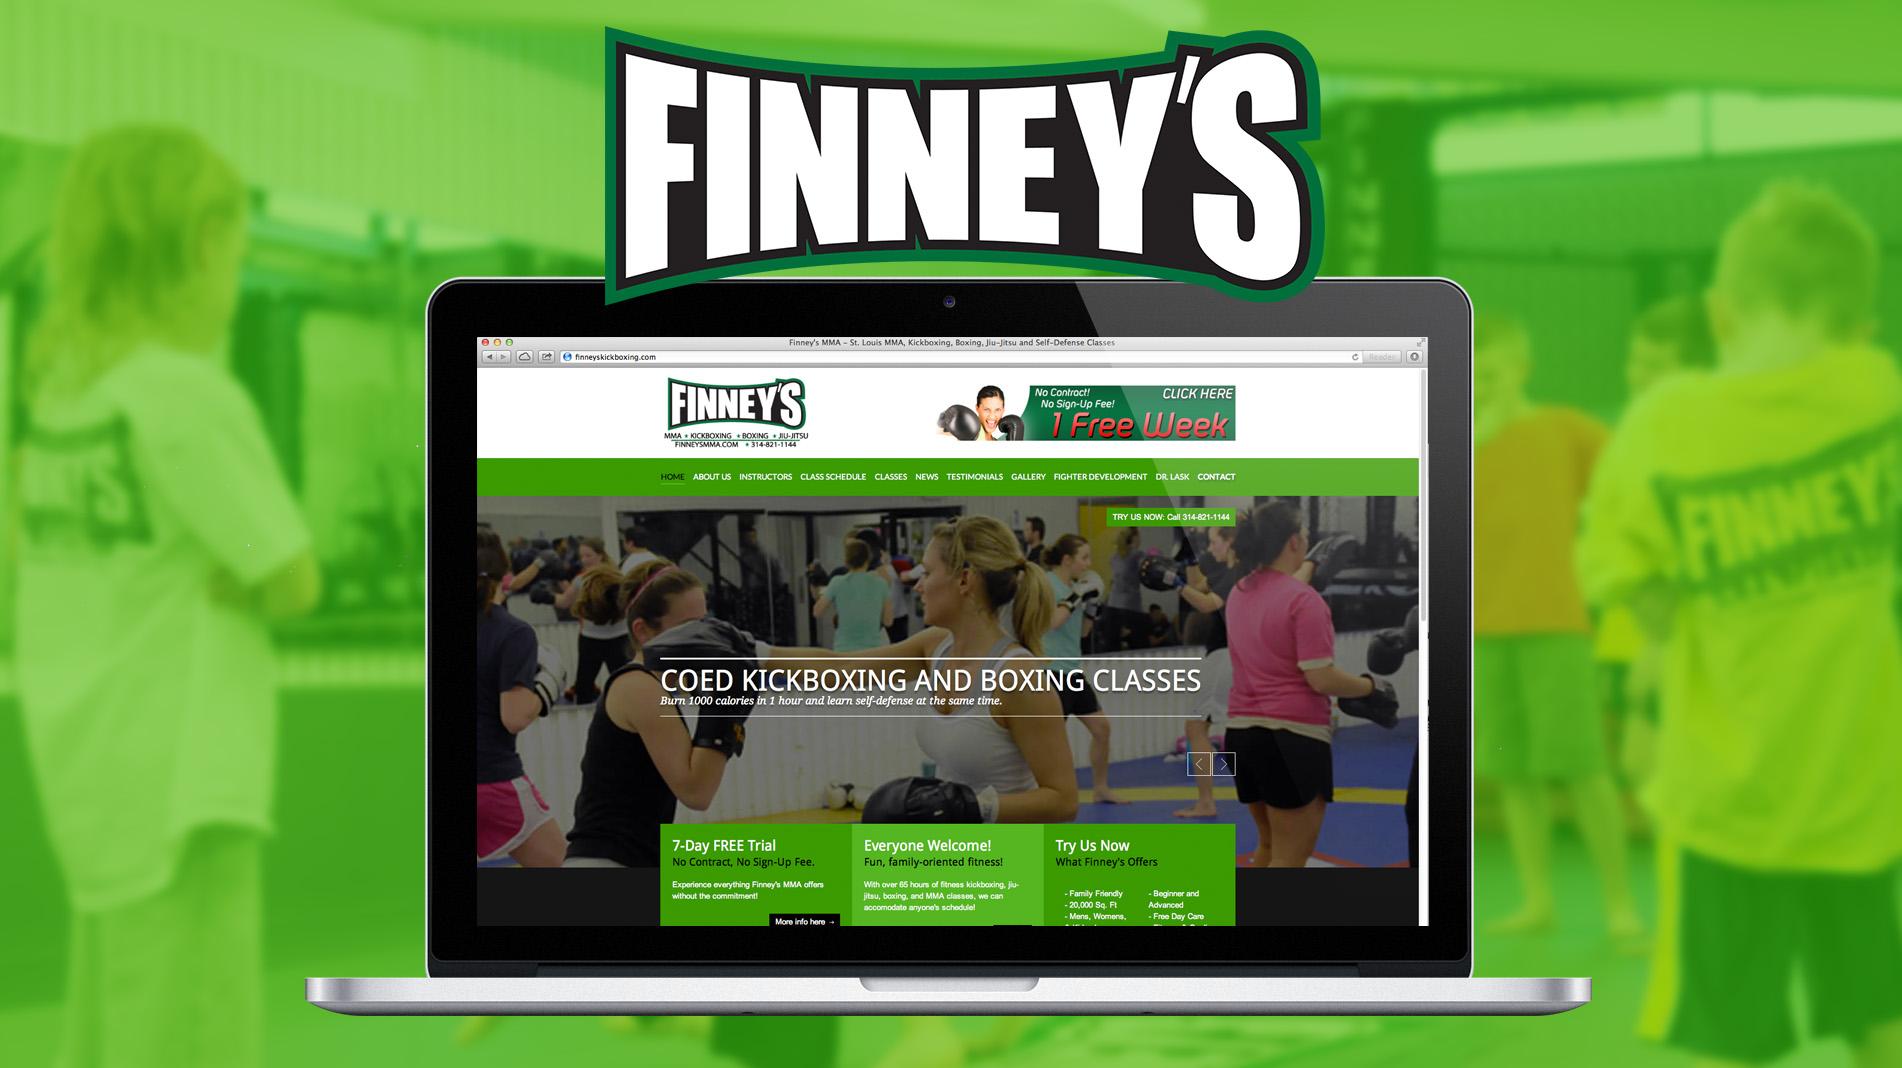 FinneysWebsite